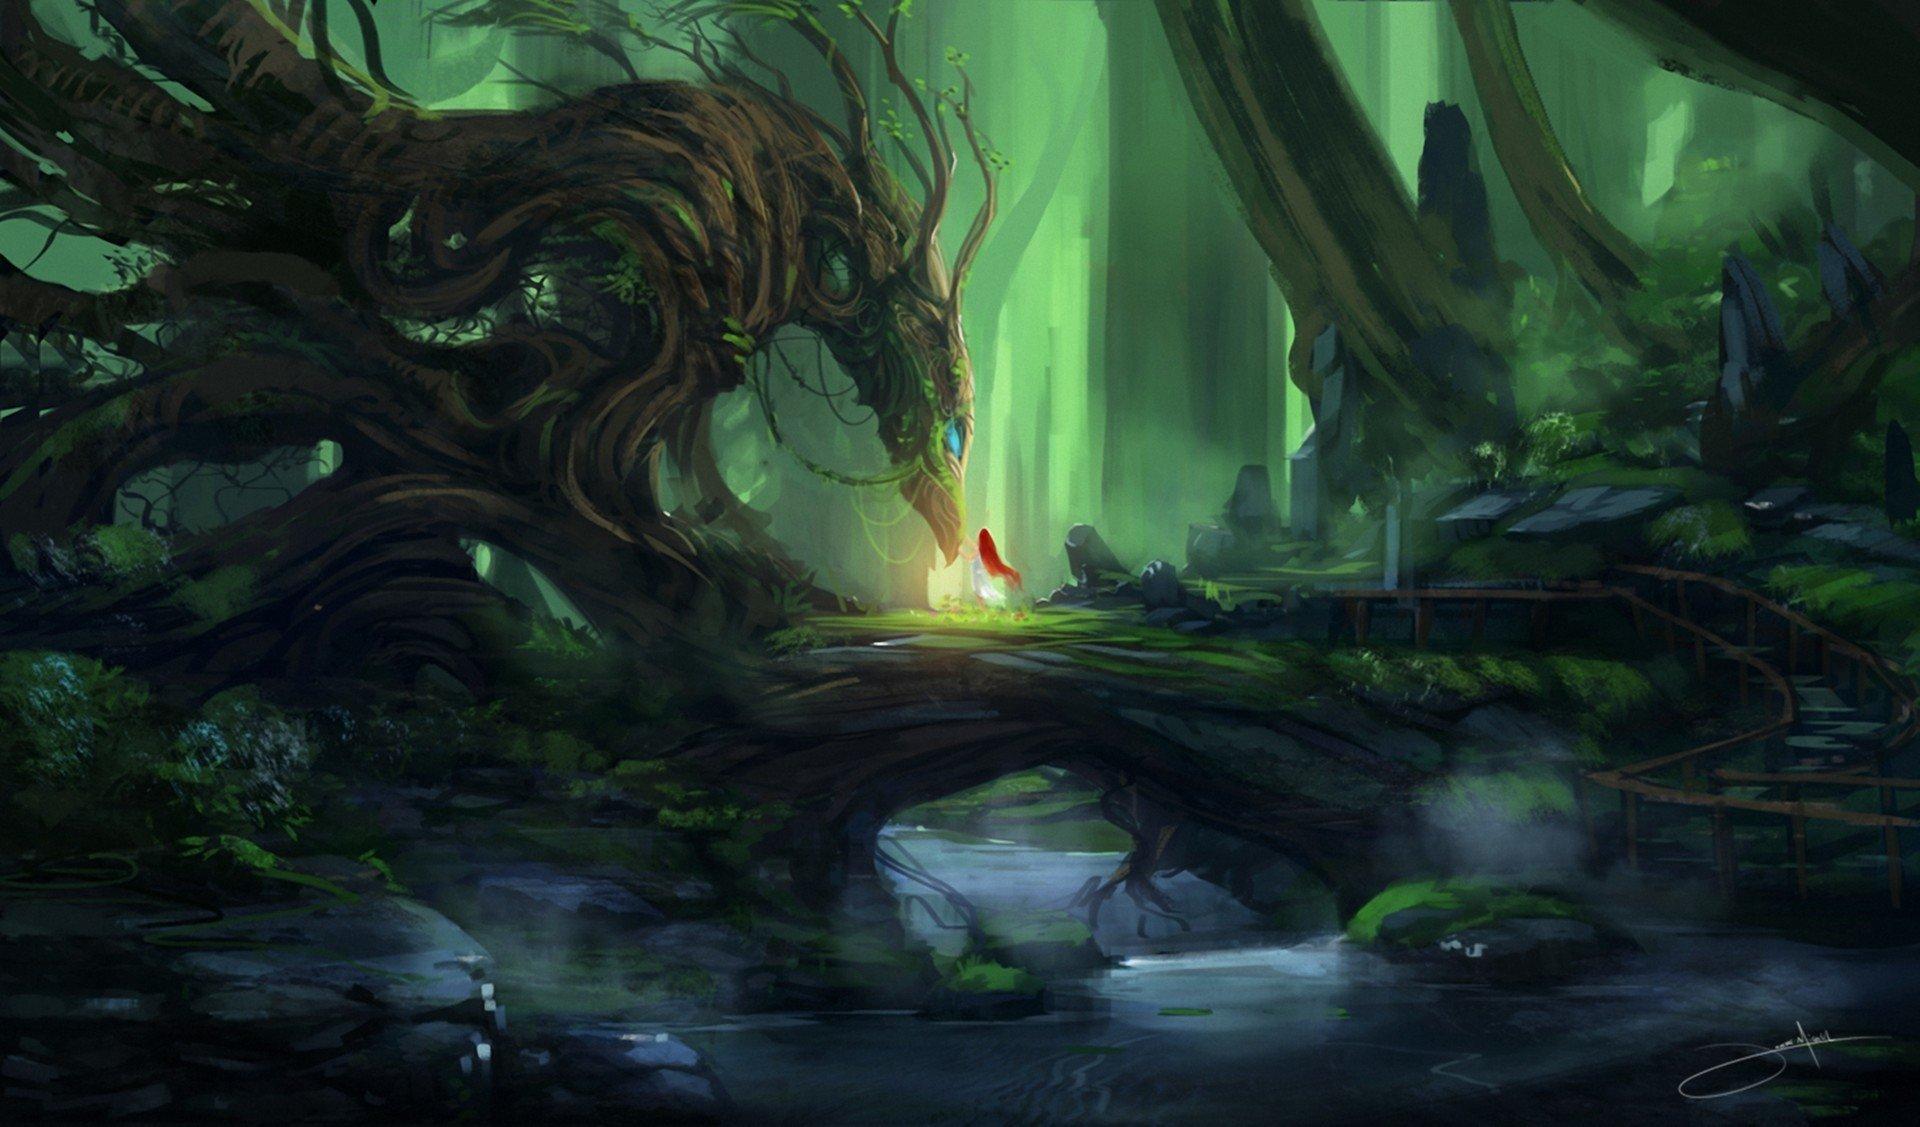 Феникс с драконом в картинках выпуска художественного